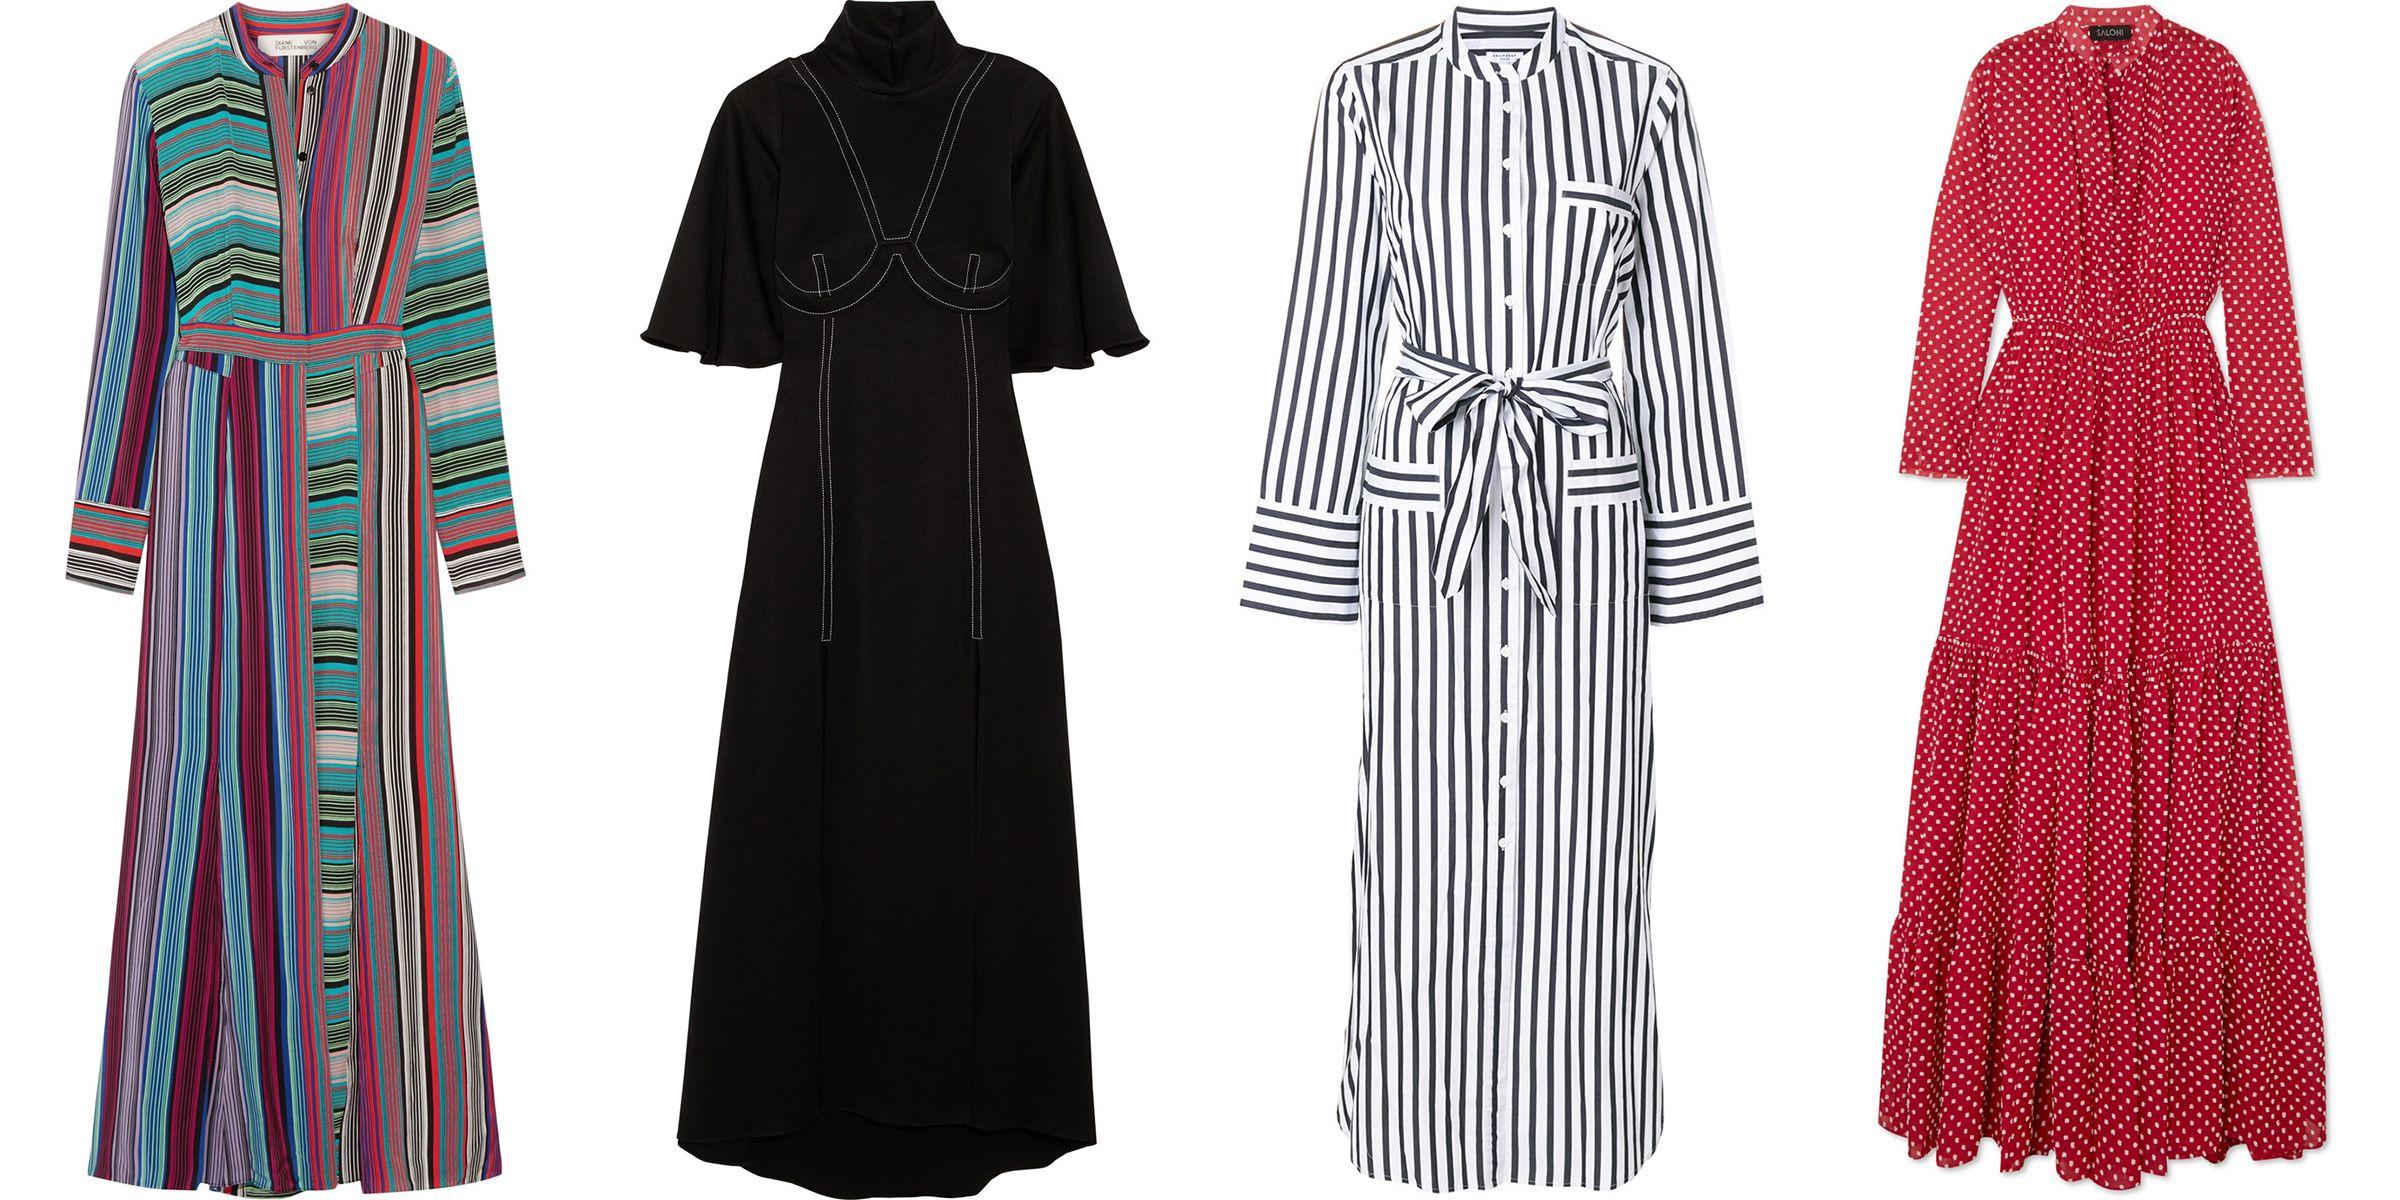 Best dresses for summer 2018